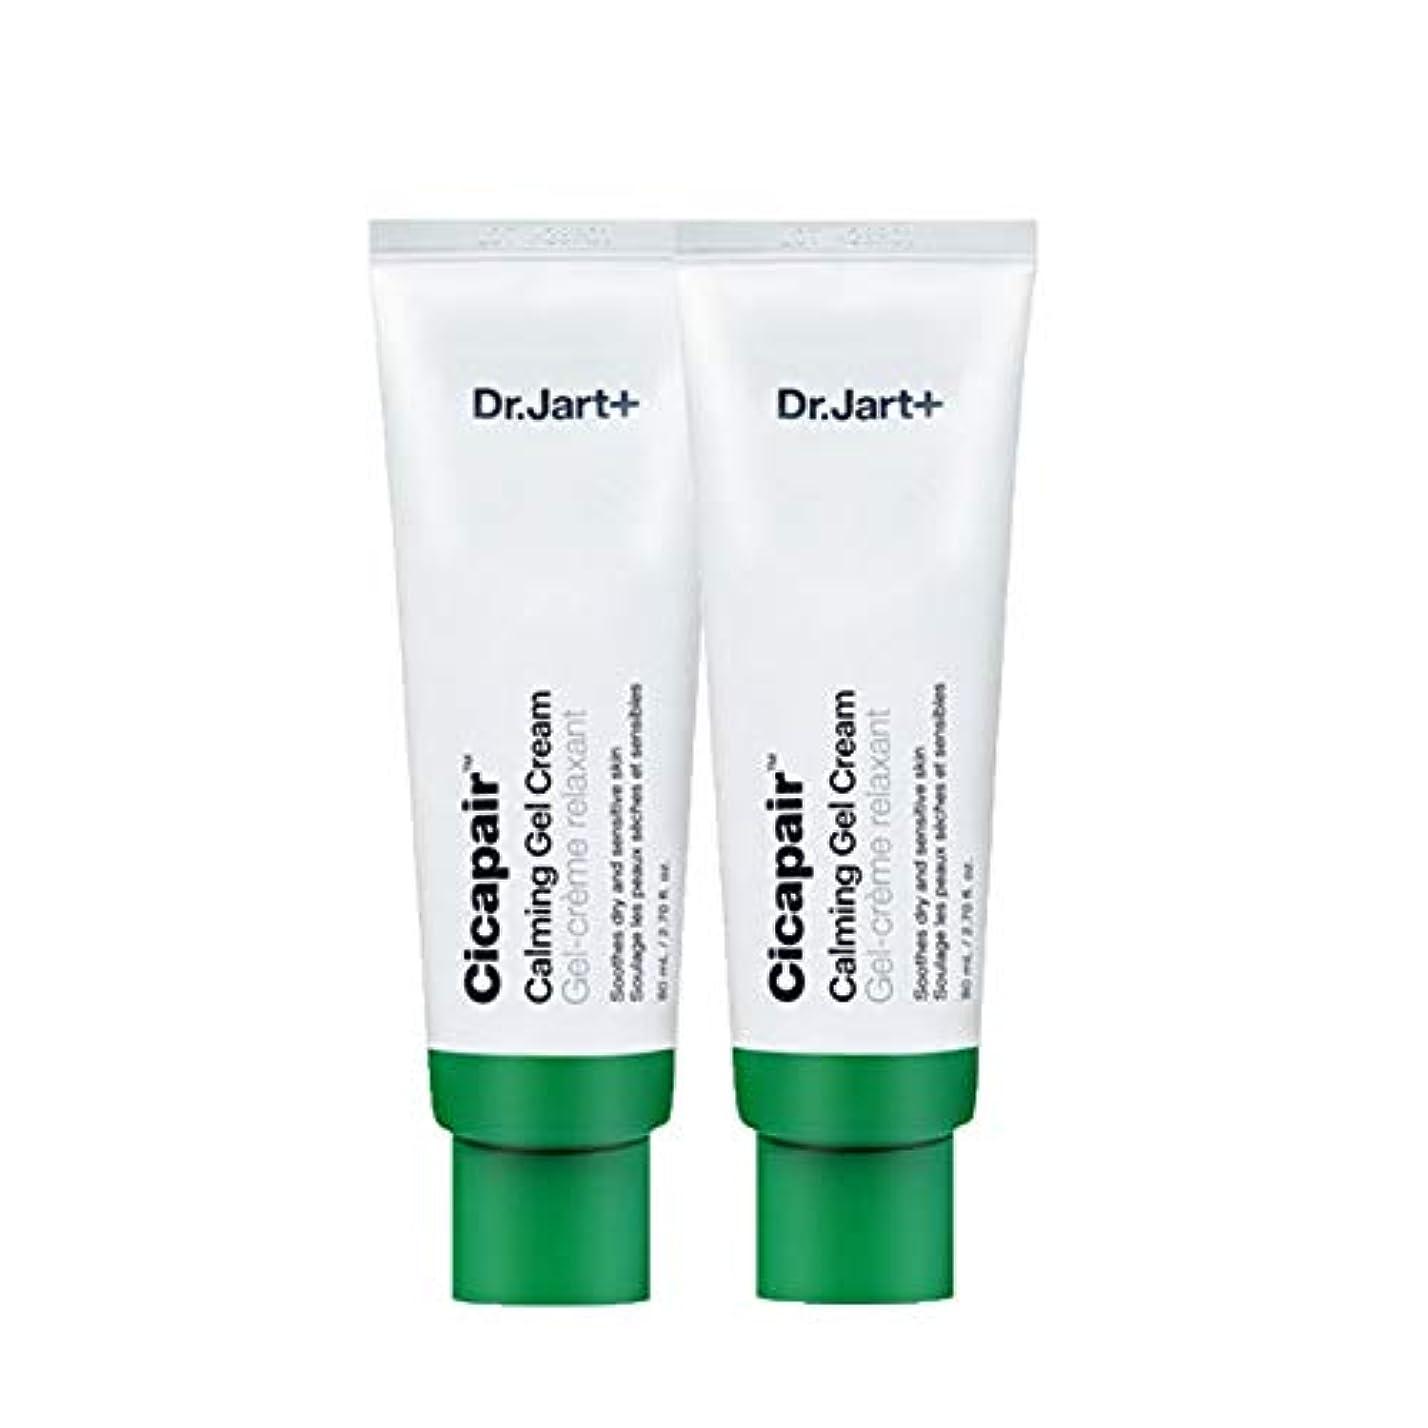 動物園パーツ患者ドクタージャルトゥシカフェアカミングジェルクリーム80mlx2本セットシワ改善韓国コスメ、Dr.Jart Cicapair Calming Gel Cream 80ml x 2ea Set Korean Cosmetics...